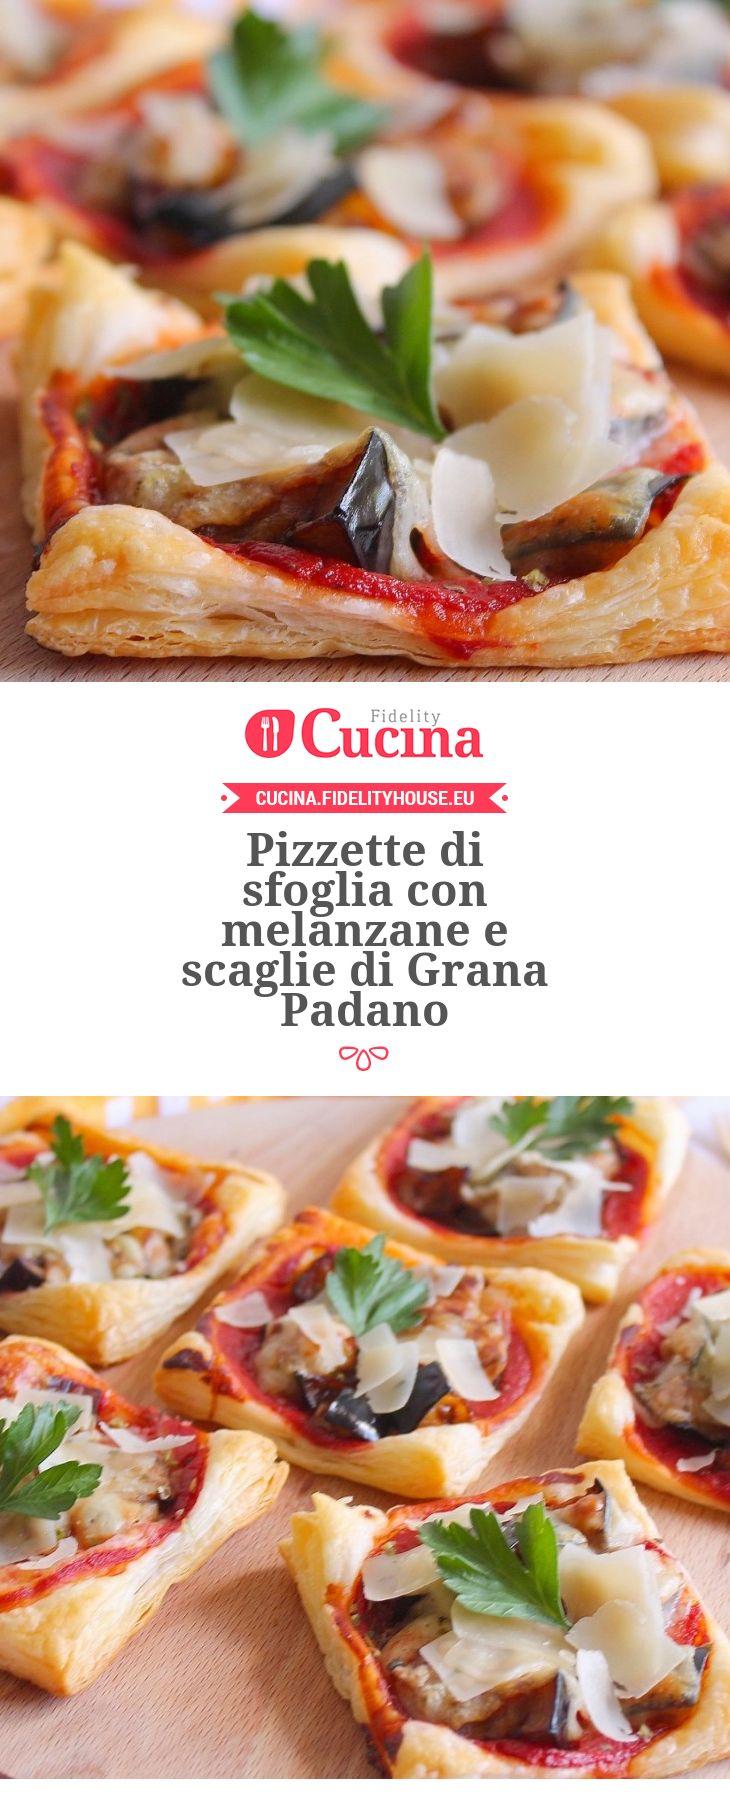 Pizzette di sfoglia con #melanzane e scaglie di #Grana Padano della nostra utente Giovanna. Unisciti alla nostra Community ed invia le tue ricette!